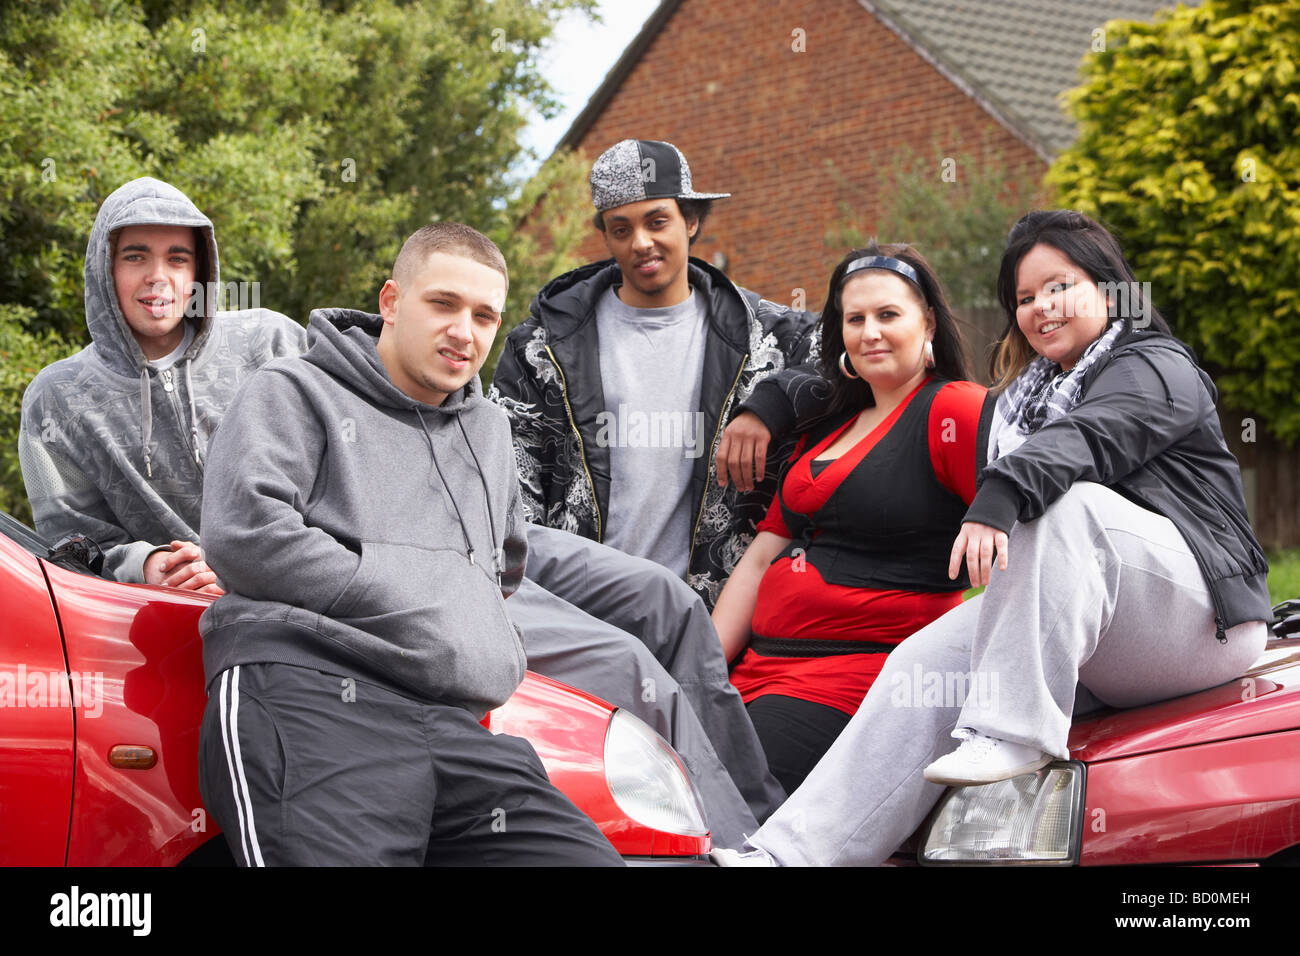 Bande von Jugendlichen sitzen auf Autos Stockbild